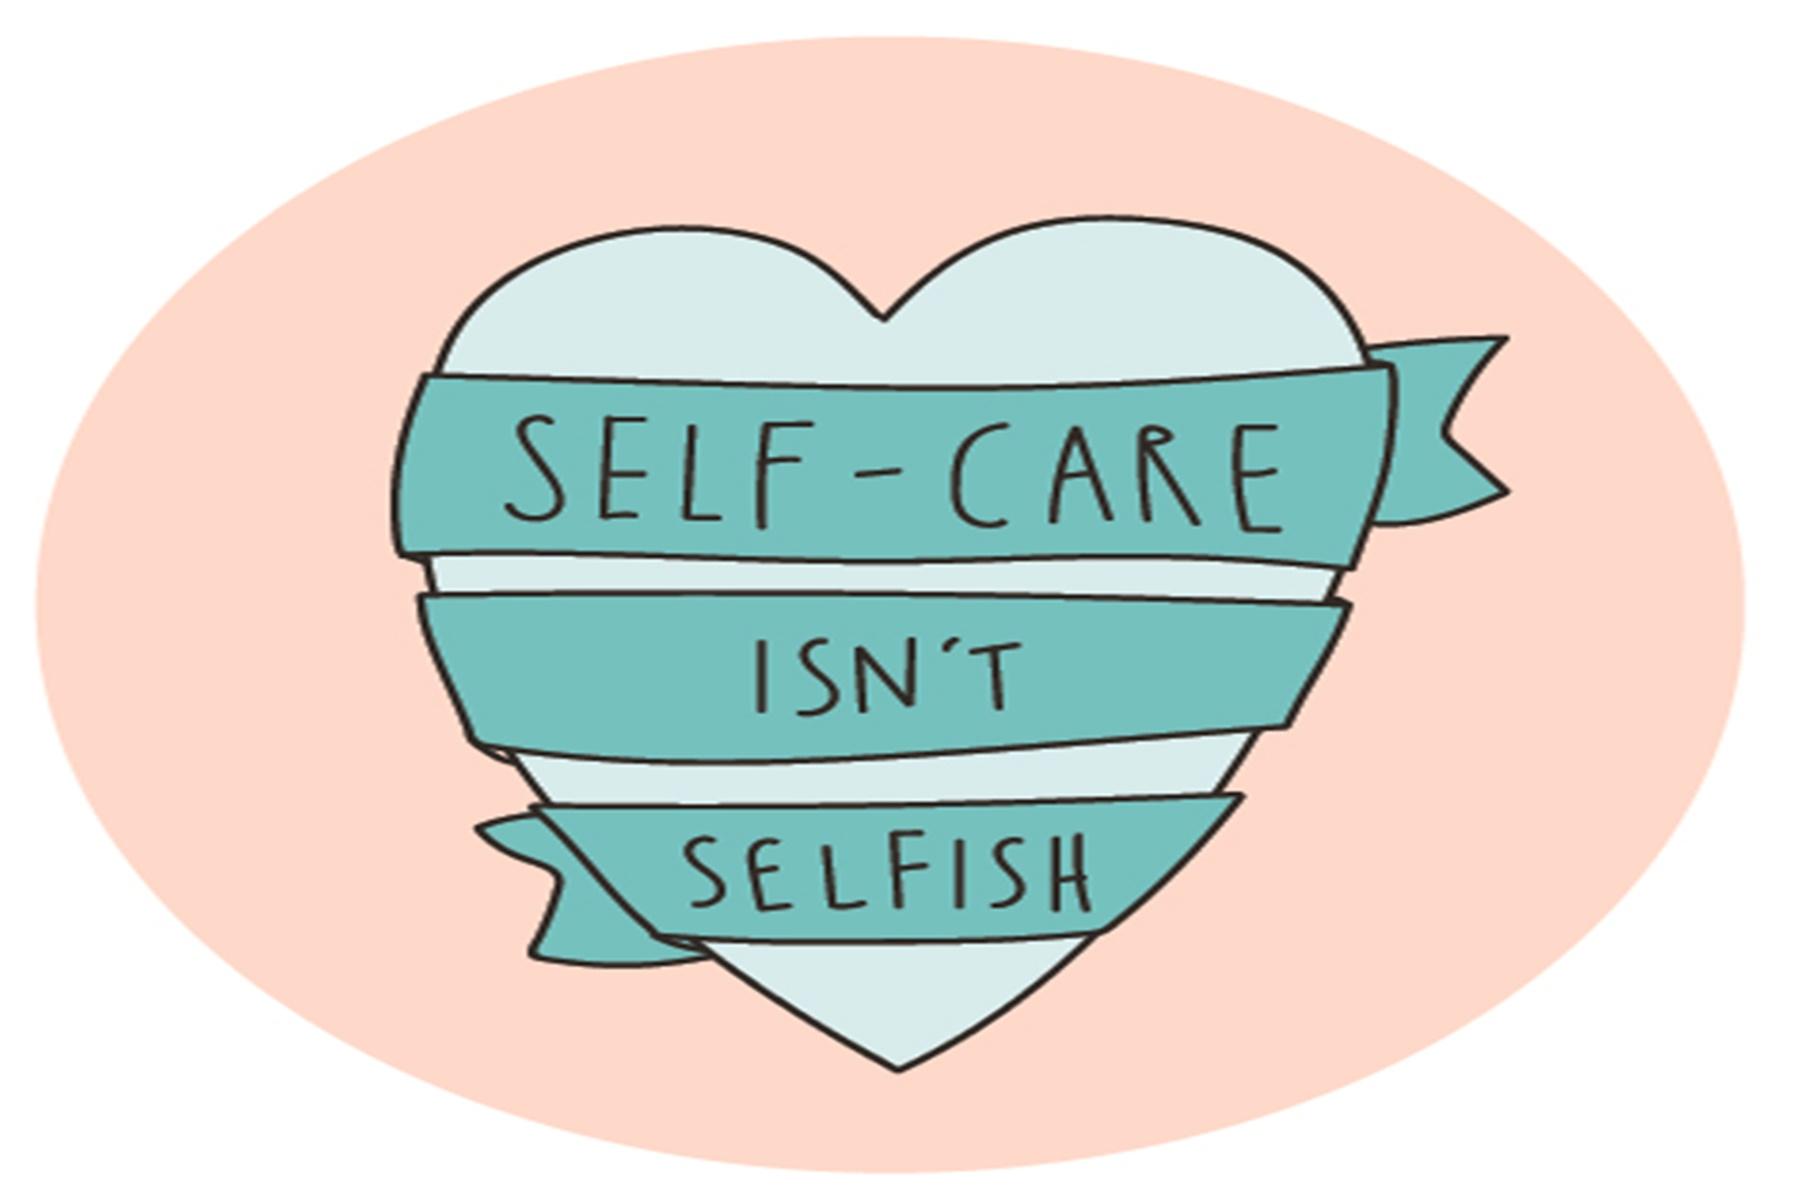 Αυτοφροντίδα επιστήμη: Συμβουλές για την καλύτερη φροντίδα σας